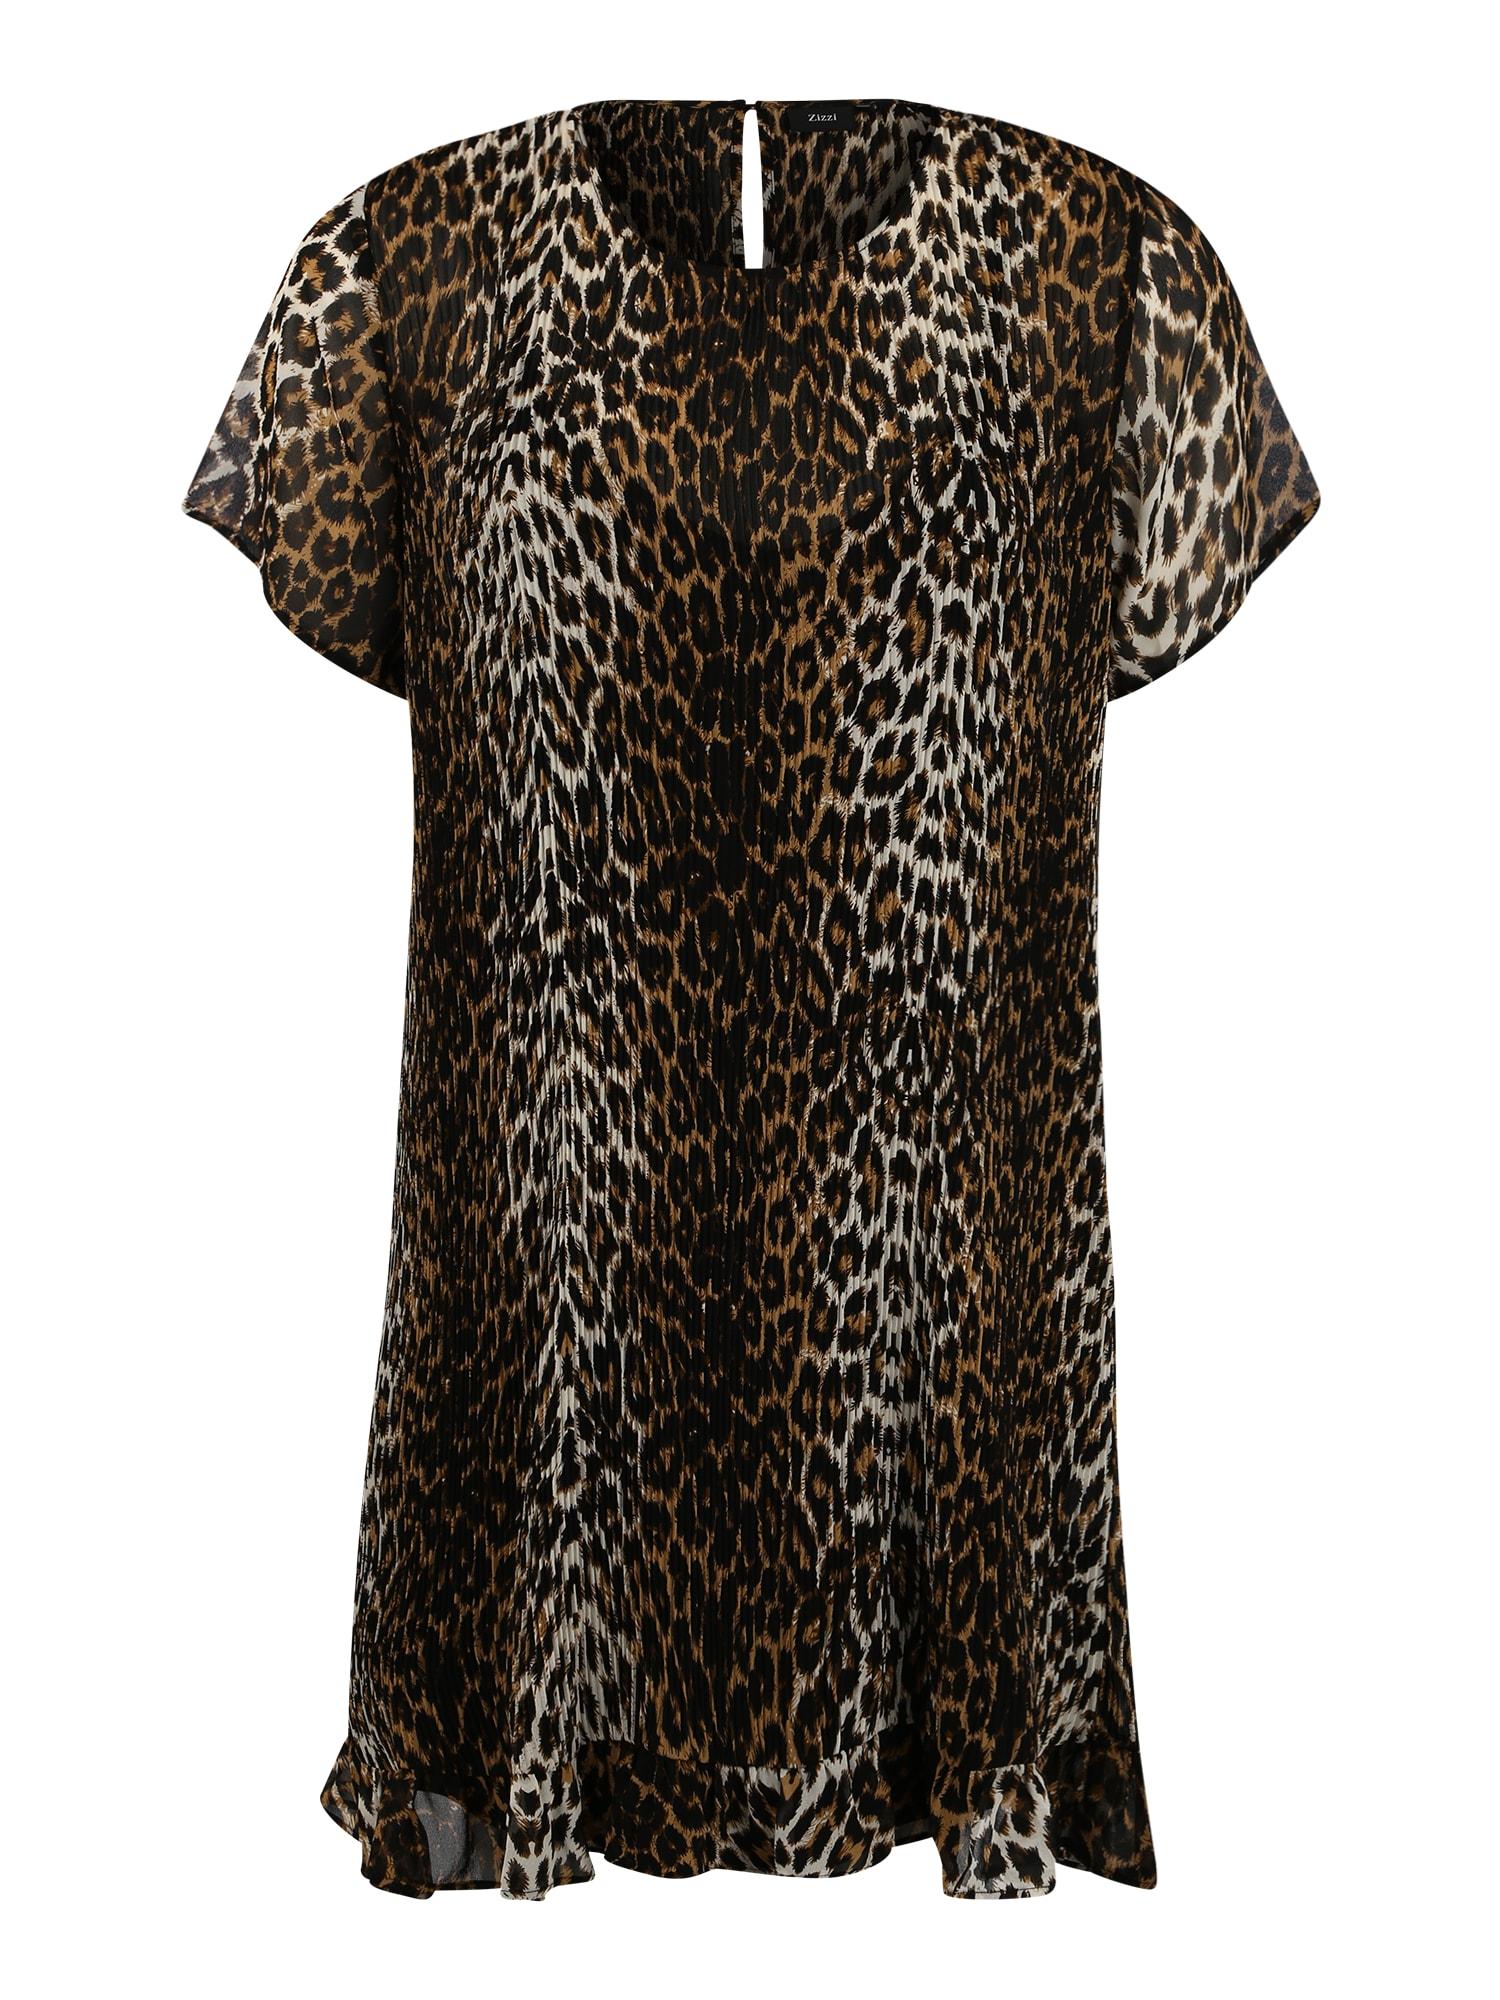 Letní šaty PERNILLE hnědá černá Zizzi